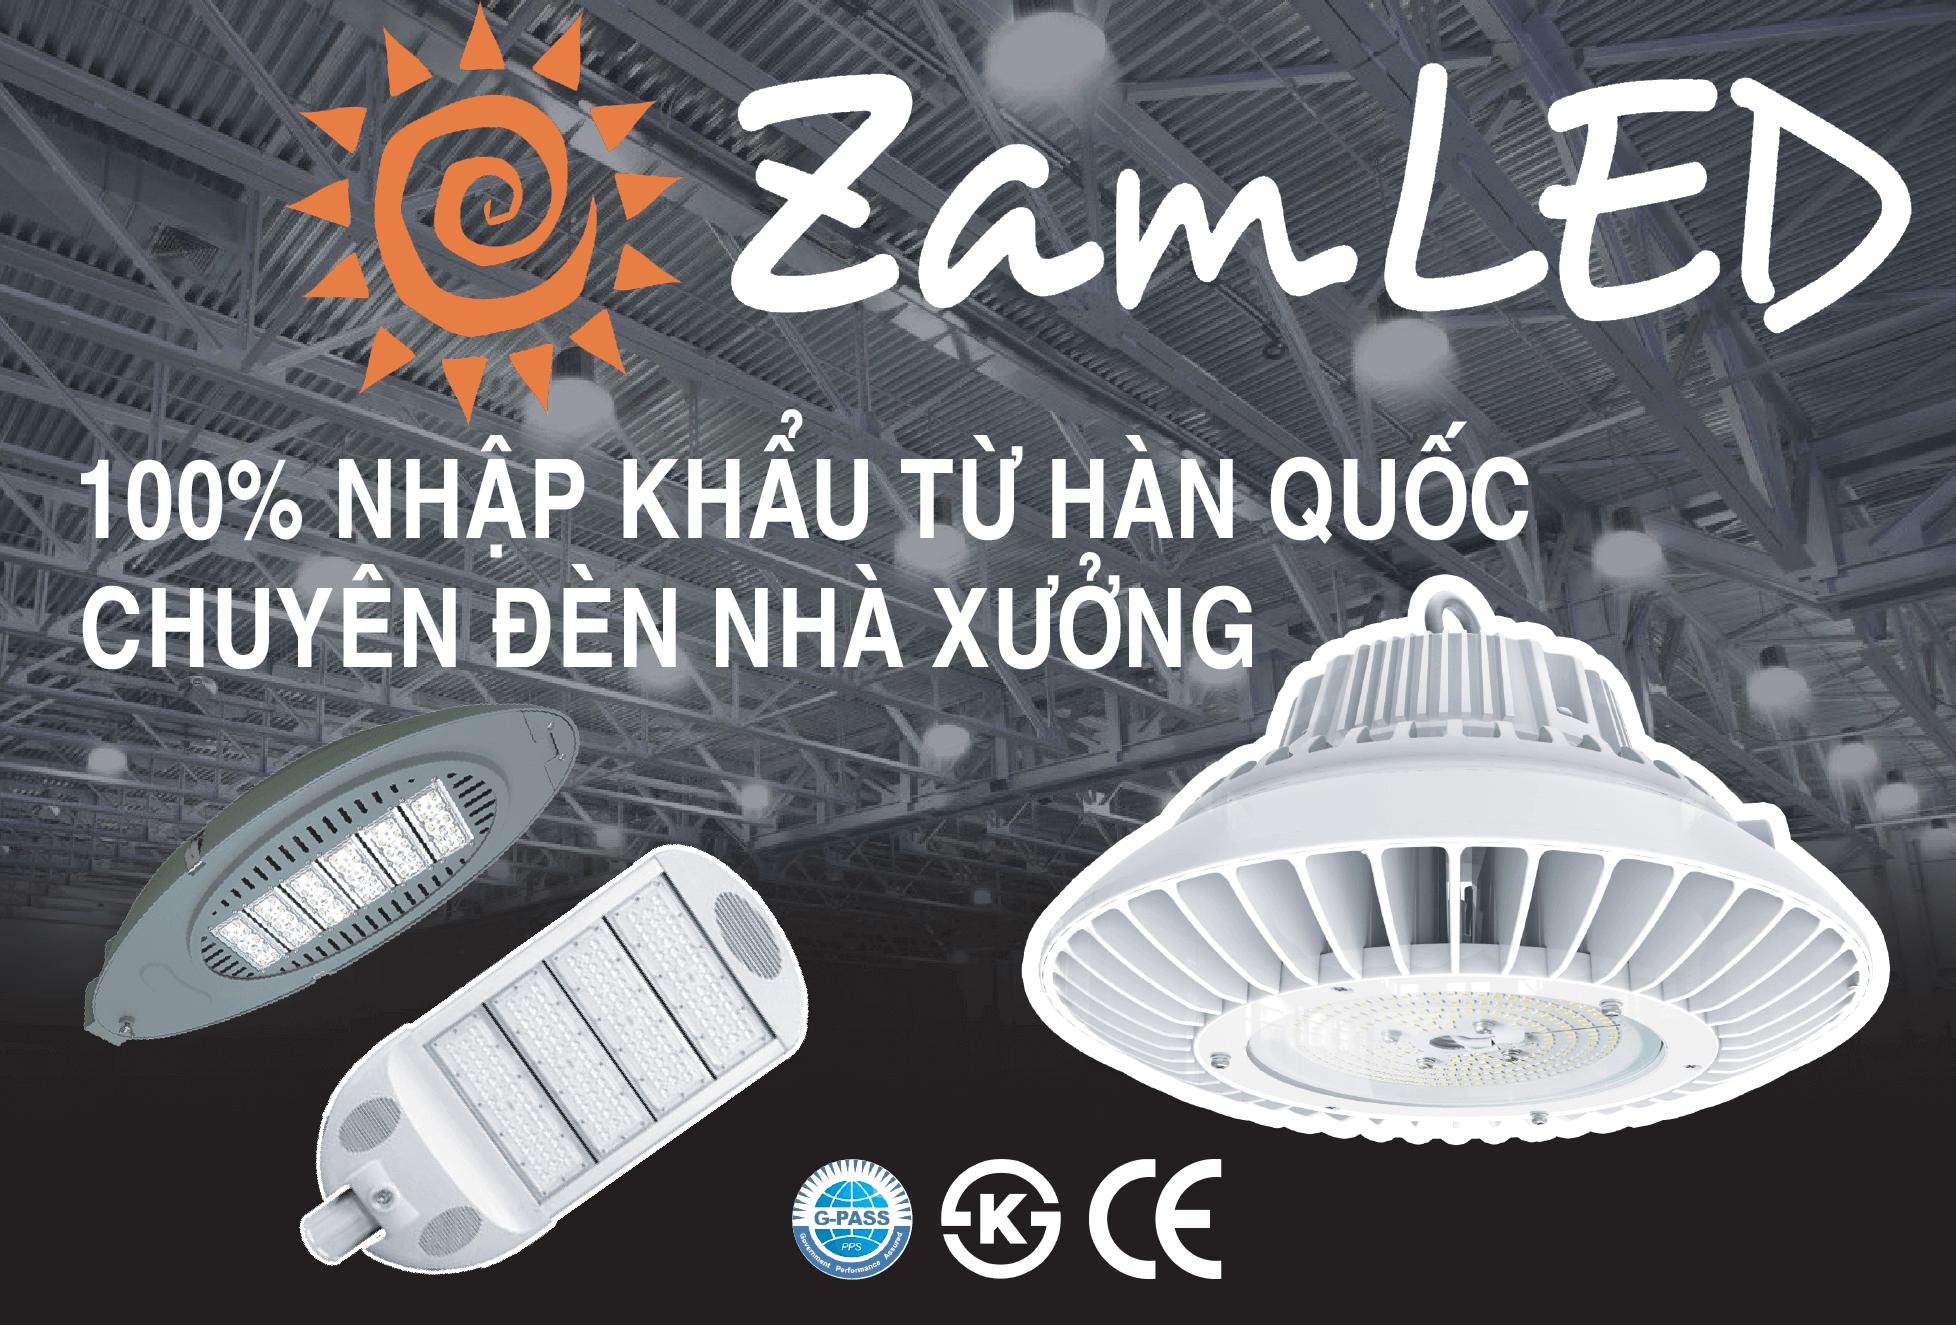 ZamLED - Thương hiệu đèn LED Hàn Quốc - Điện Tử Minh Lâm